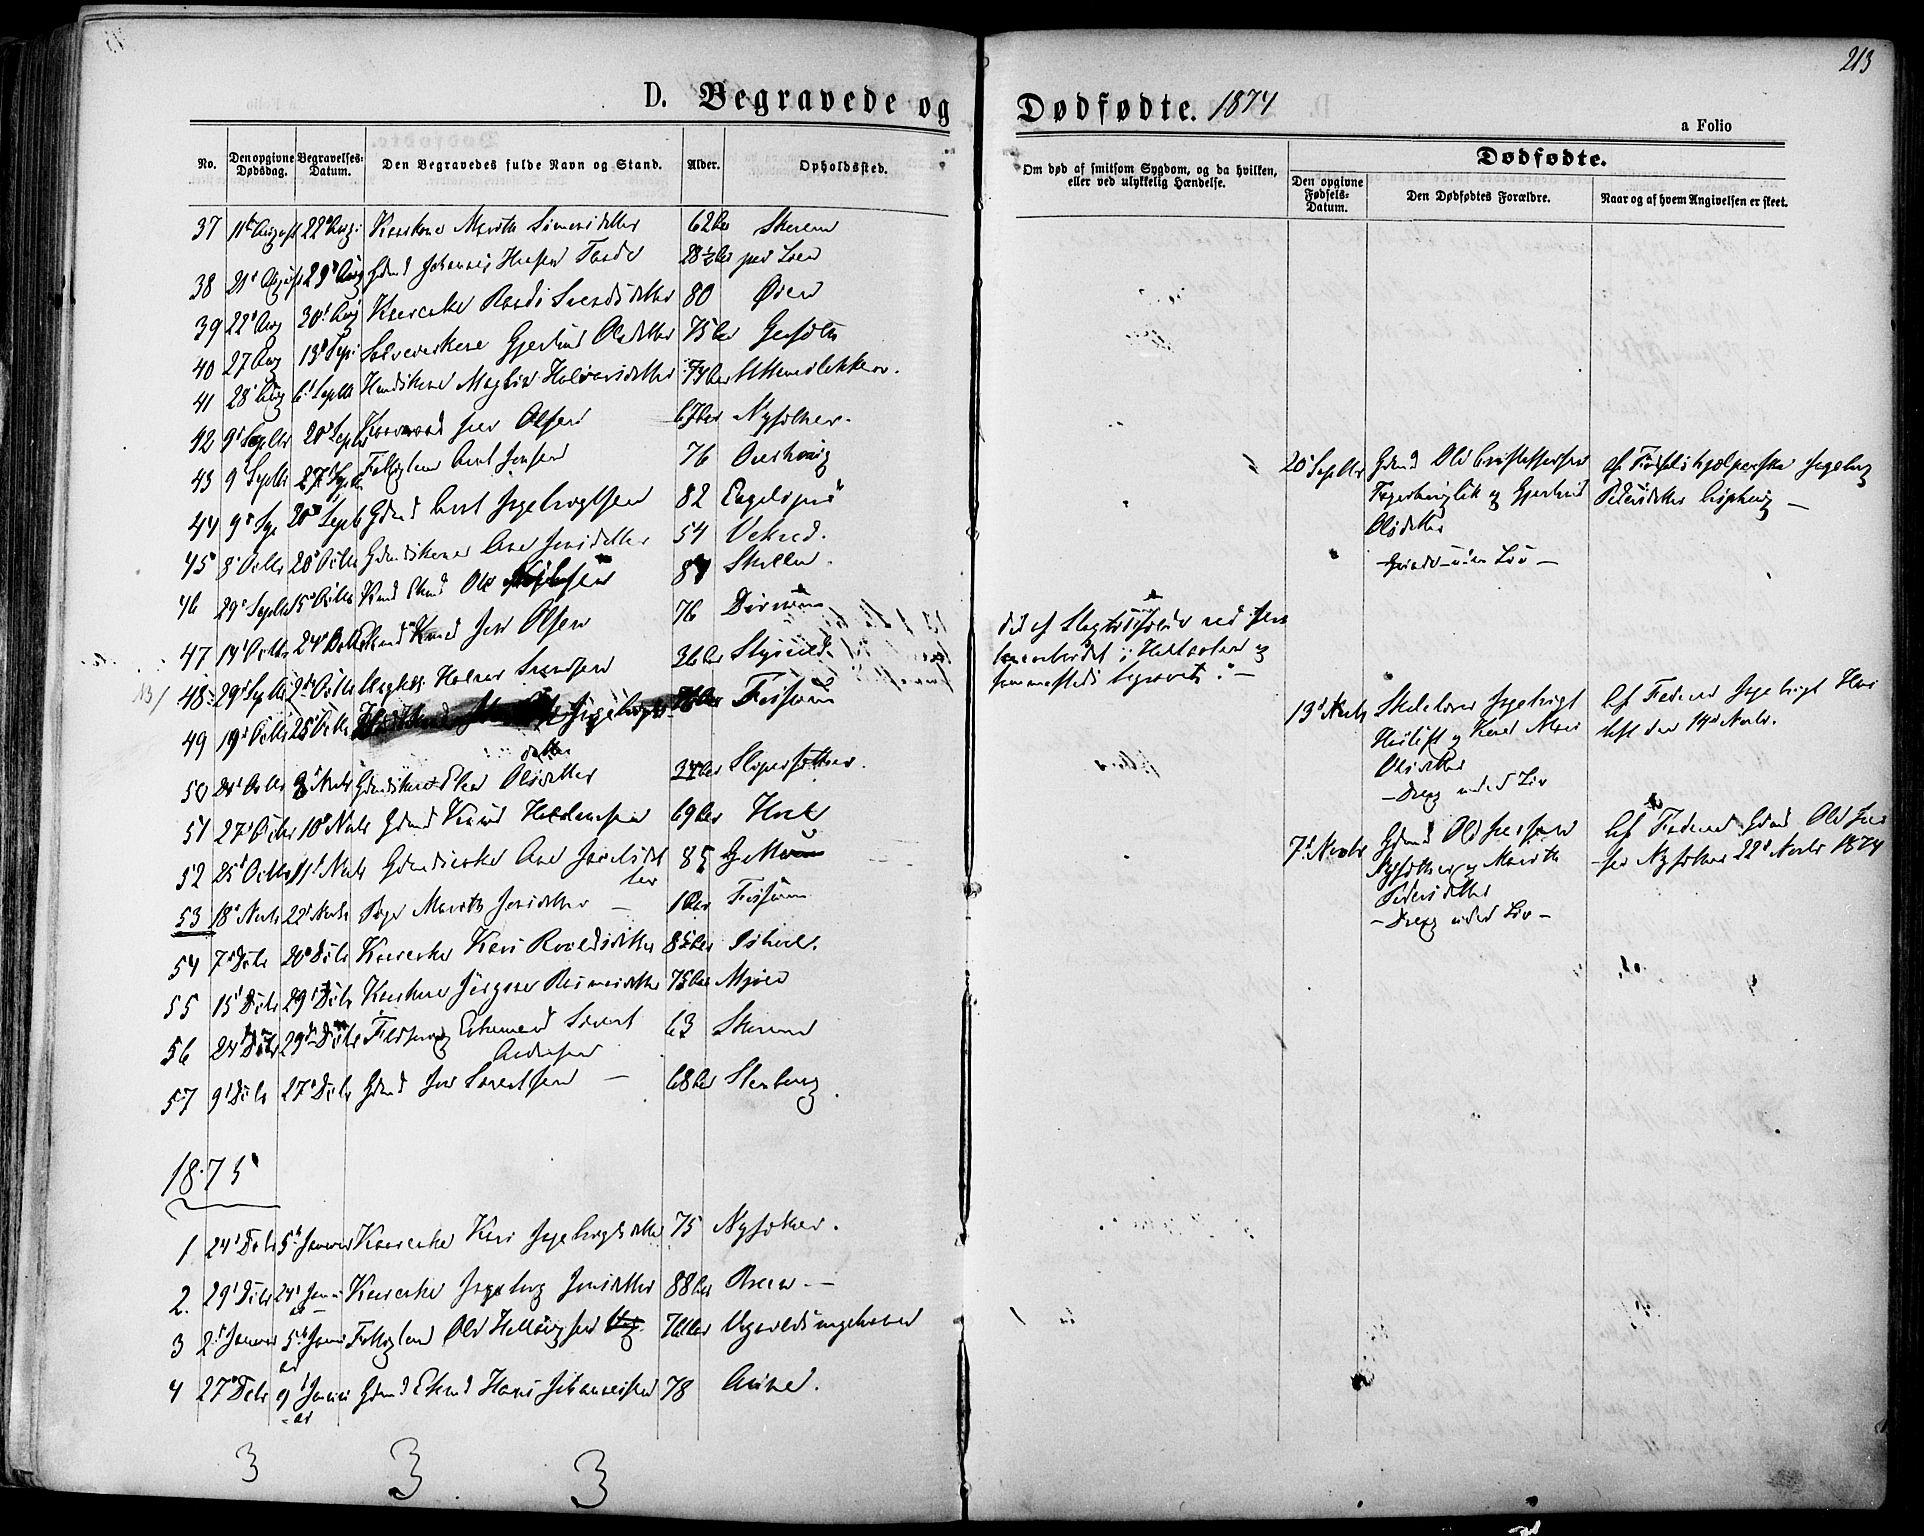 SAT, Ministerialprotokoller, klokkerbøker og fødselsregistre - Sør-Trøndelag, 678/L0900: Ministerialbok nr. 678A09, 1872-1881, s. 213